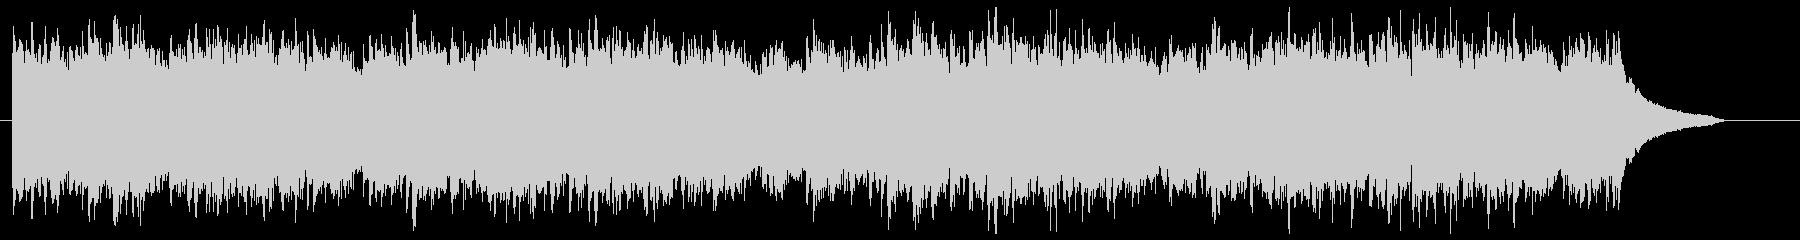 爽やかなCM動画向けピアノBGMの未再生の波形